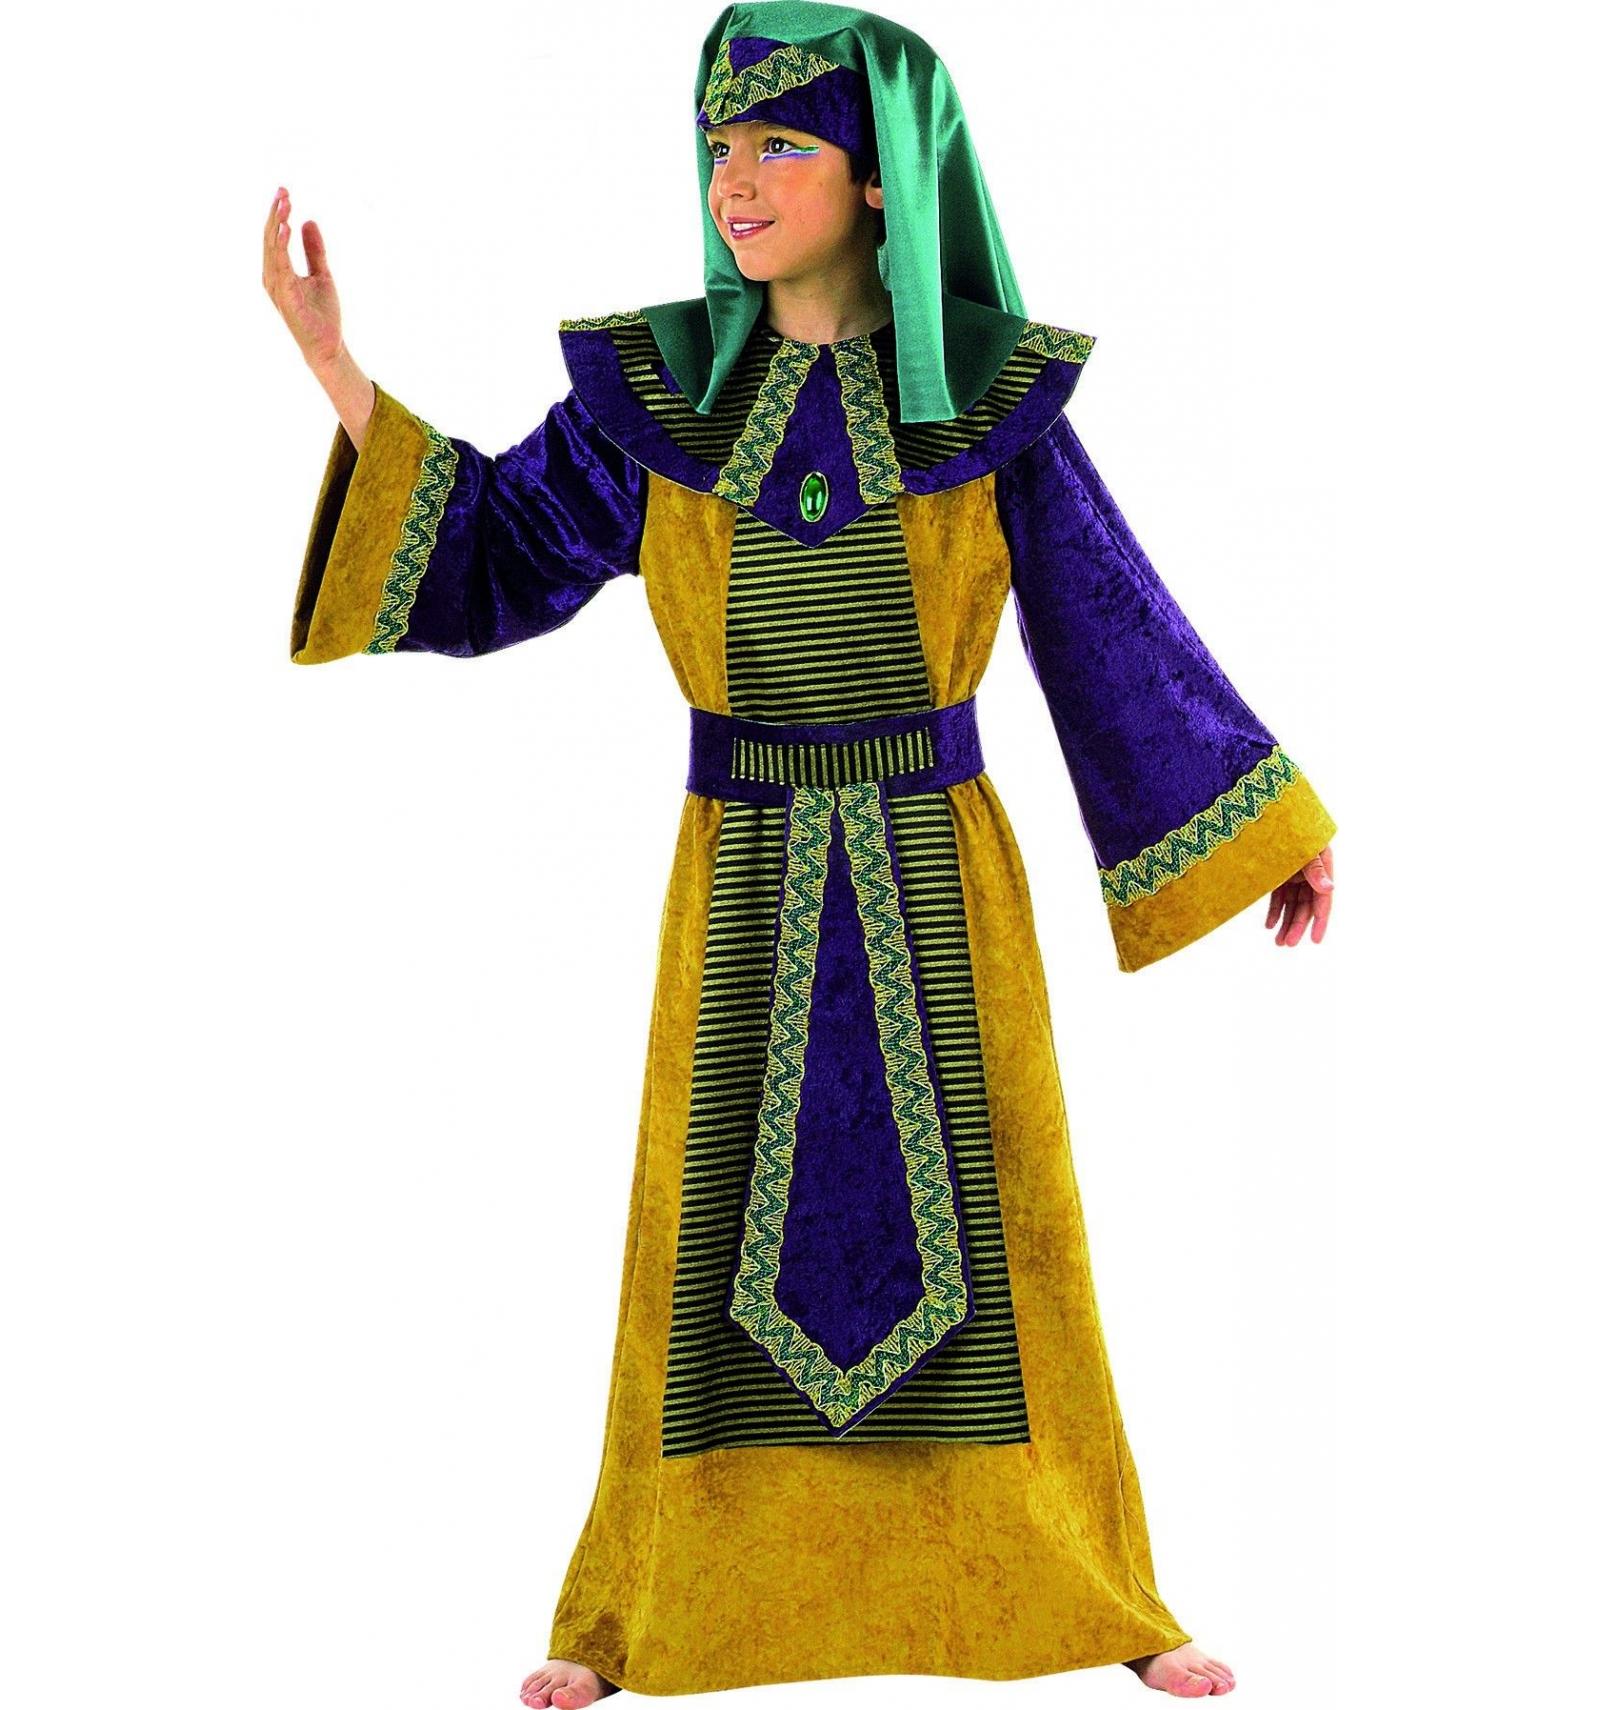 04980e9a03511 DÉGUISEMENT ÉGYPTIEN RAMSES ENFANT - Votre magasin de costumes en ligne